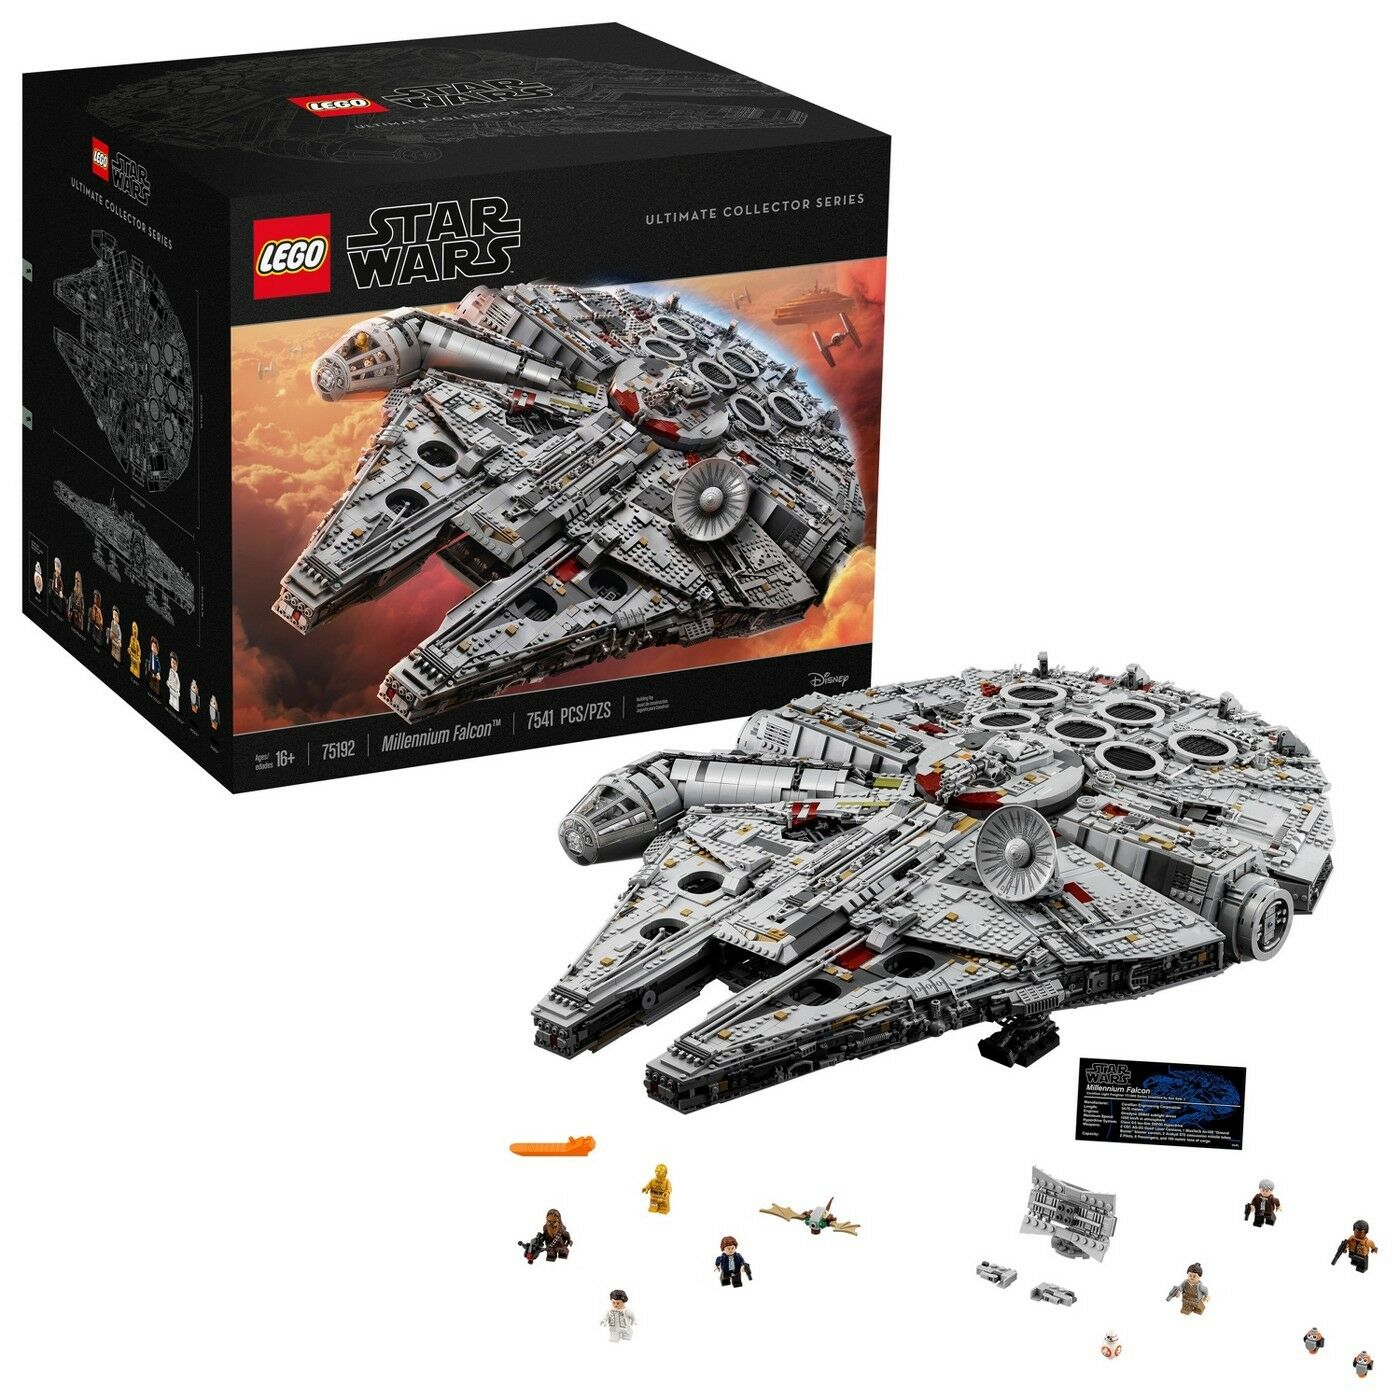 Nuevo Sellado Lego Star Wars Millennium Falcon UCS Ultimate Collectors Series 75192